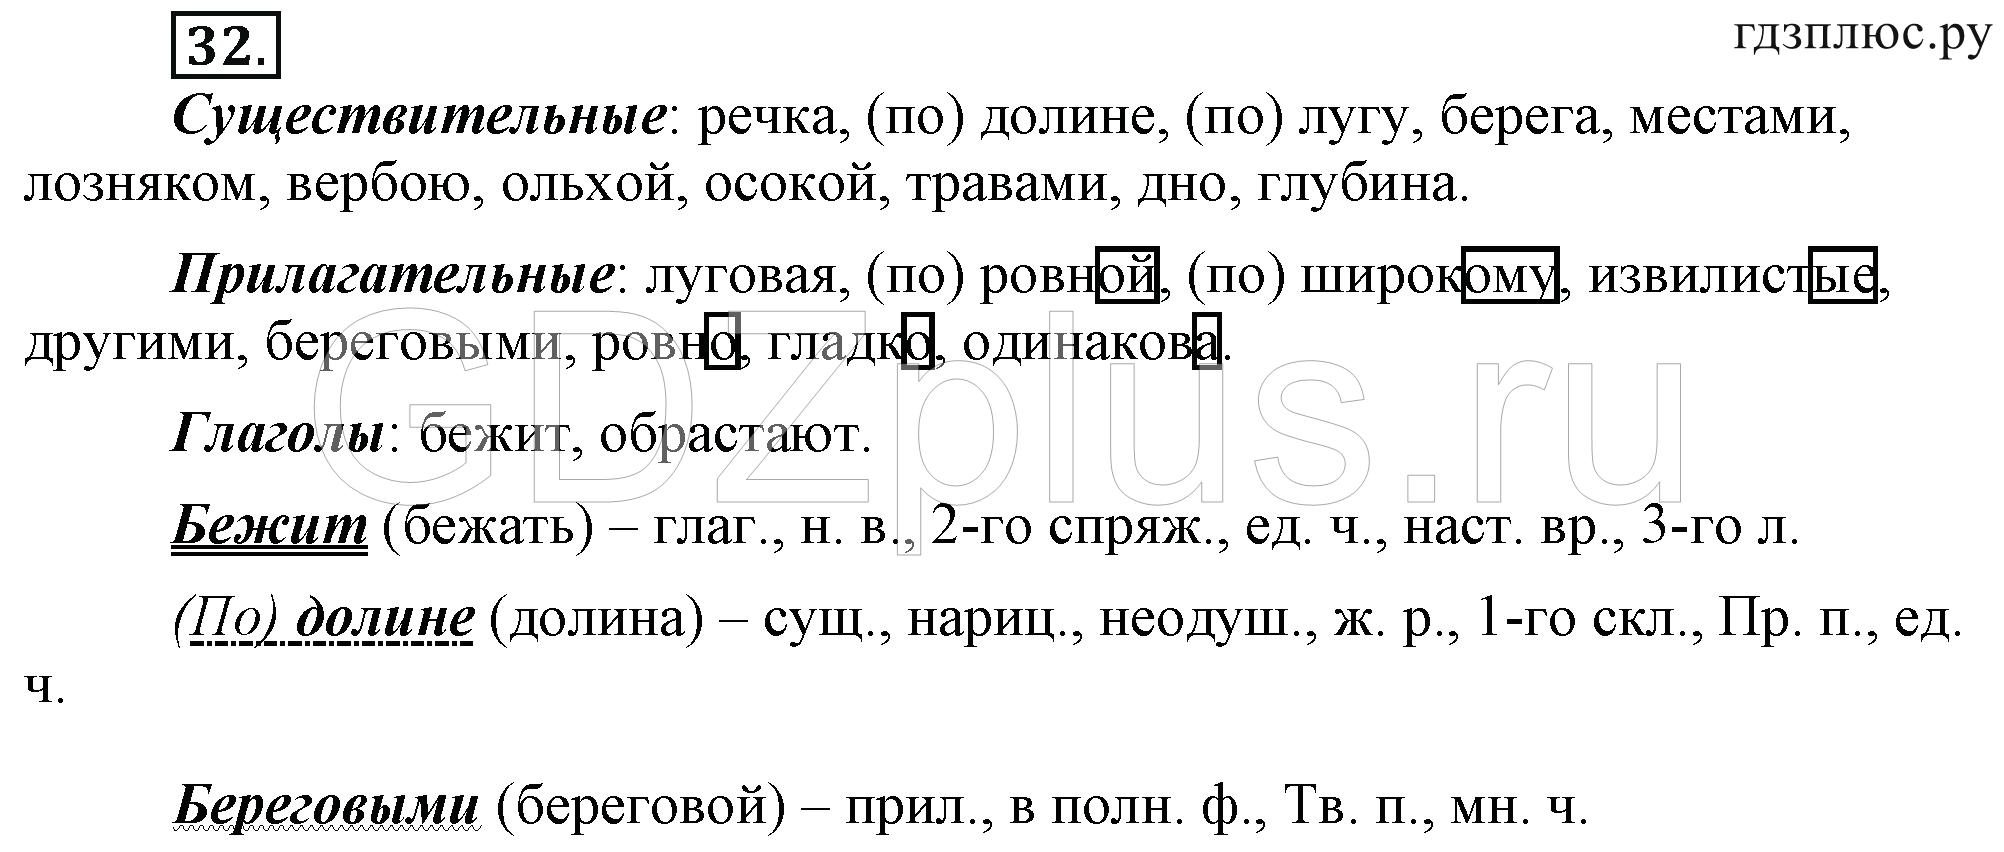 Гдз по русскому языку за 6класс ладыженская